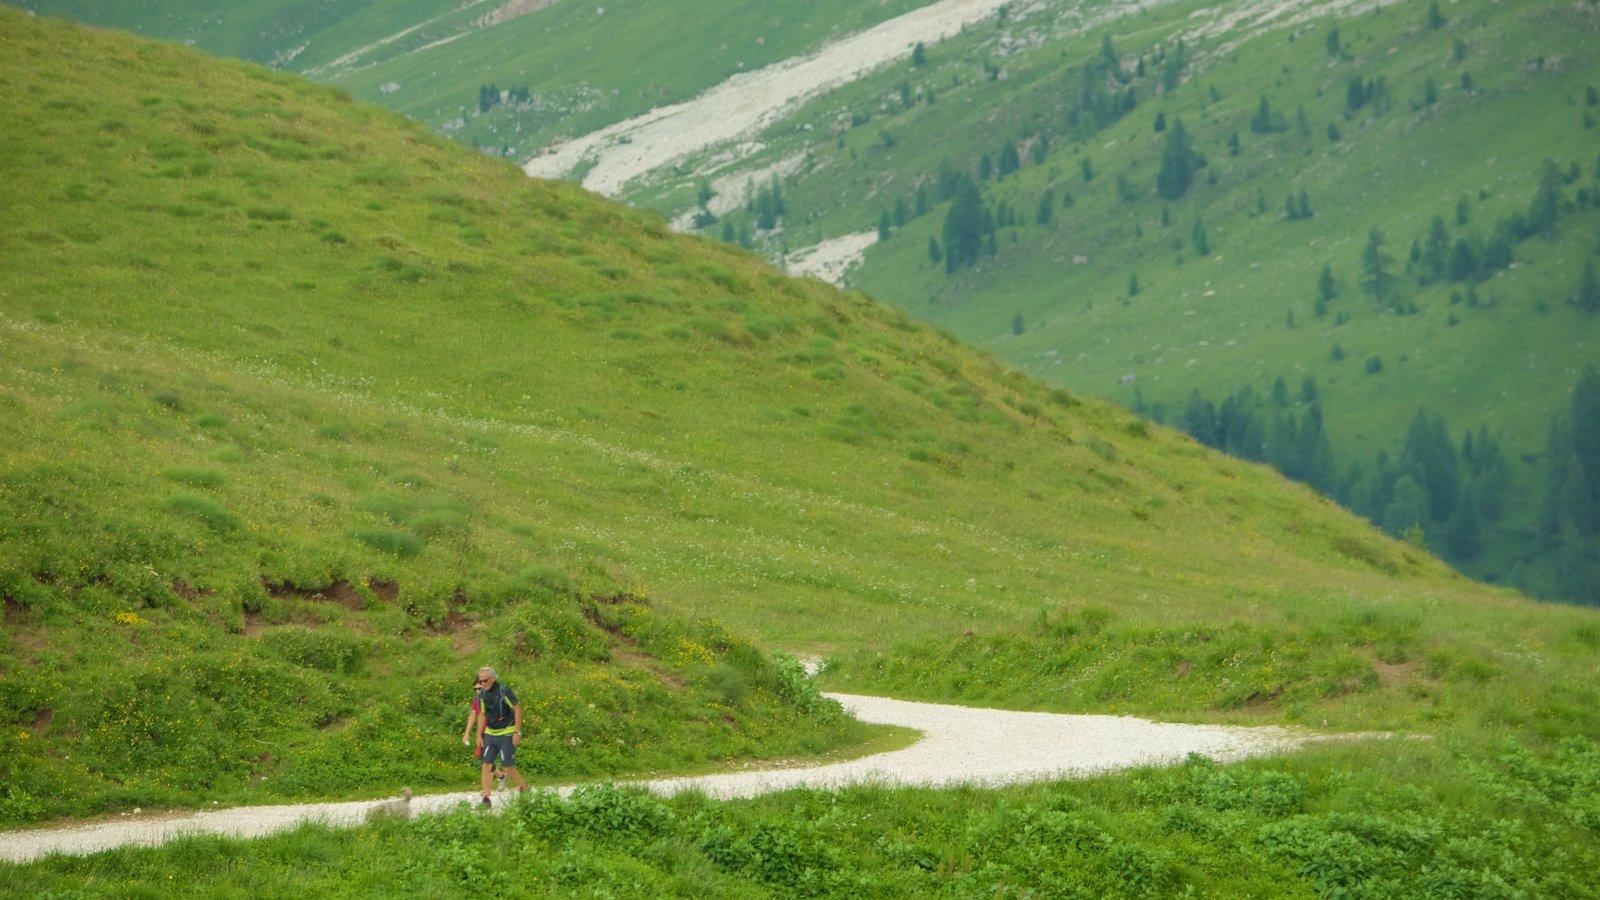 Passo Rolle que incluye senderismo o caminata y montañas y también un hombre